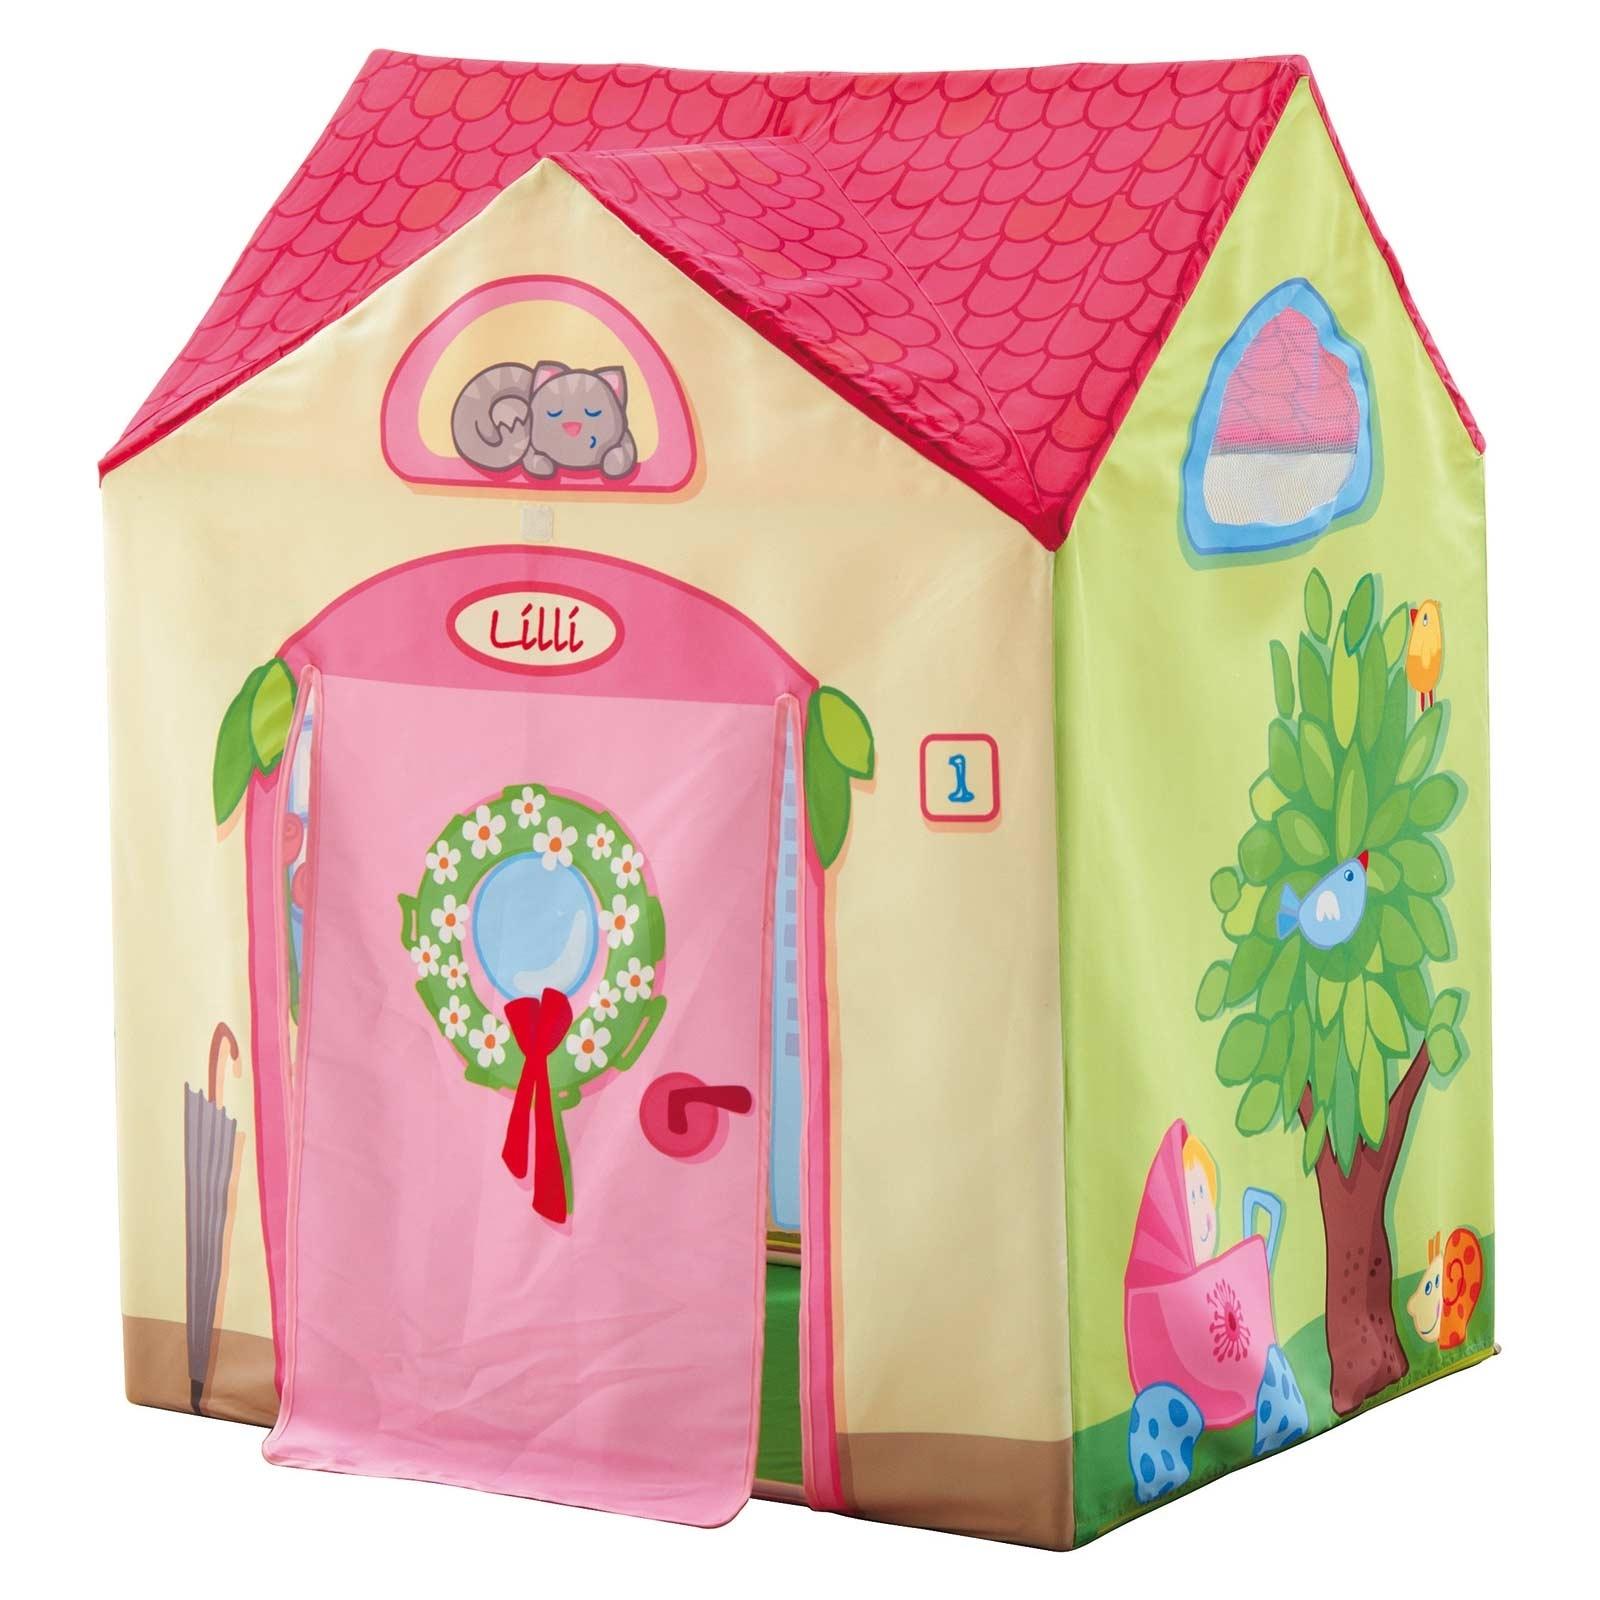 Tente Chambre Garcon avec tente de jeu la villa de lilli : haba - berceau magique